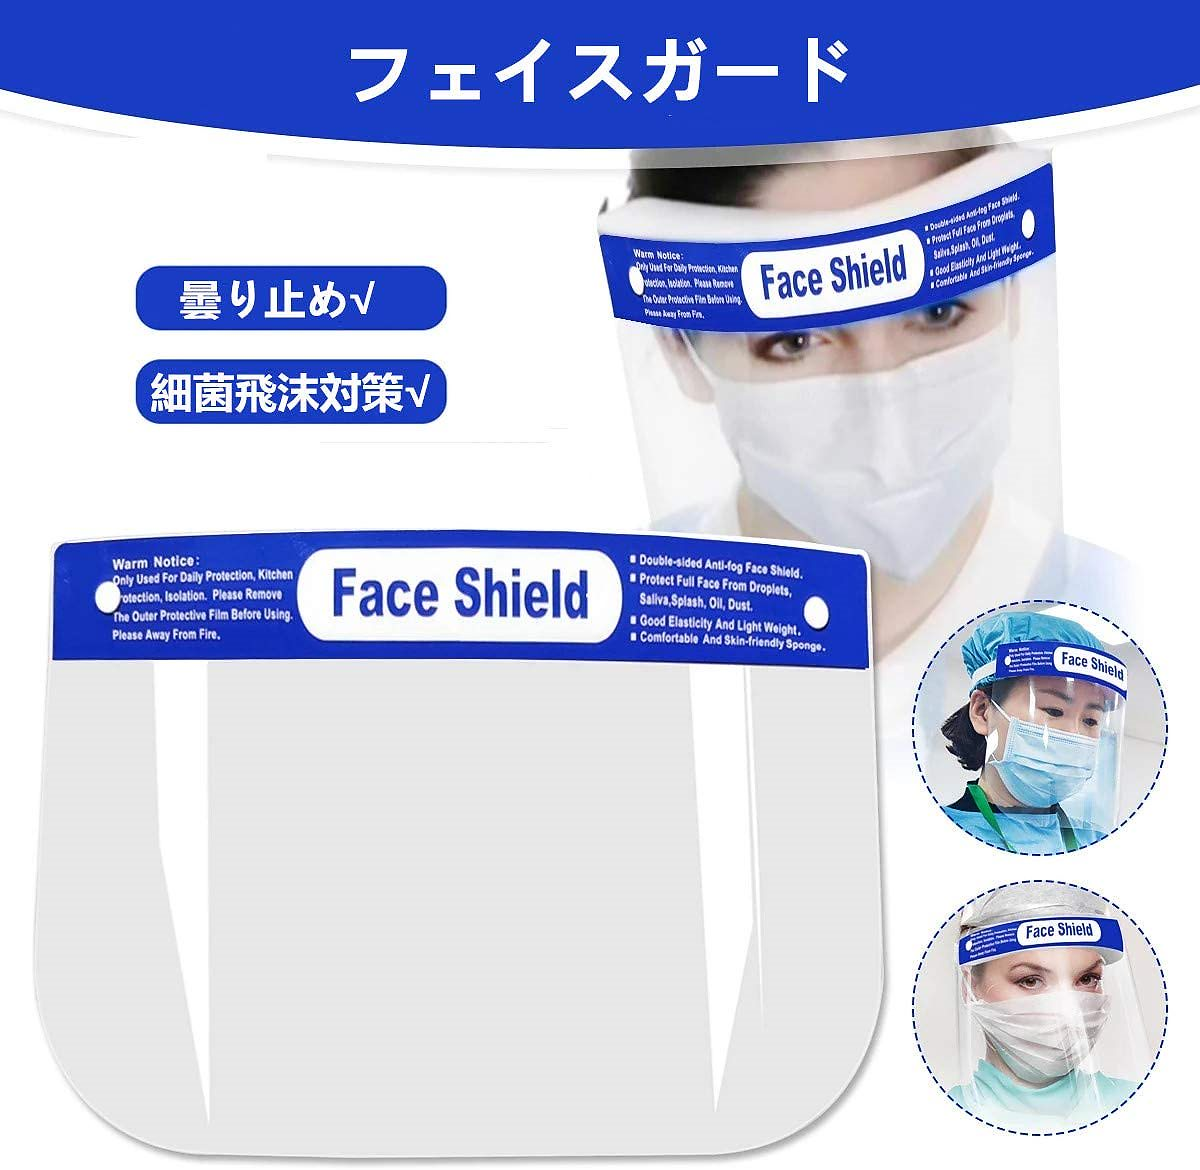 国内発送3日届く 飛沫防止 フェイスシールド フェイスガード プラスチック製 透明シールド 弾性バンド 調整可能 カバー ひまつよけ 砂ほこりよけ 目を保護 軽量